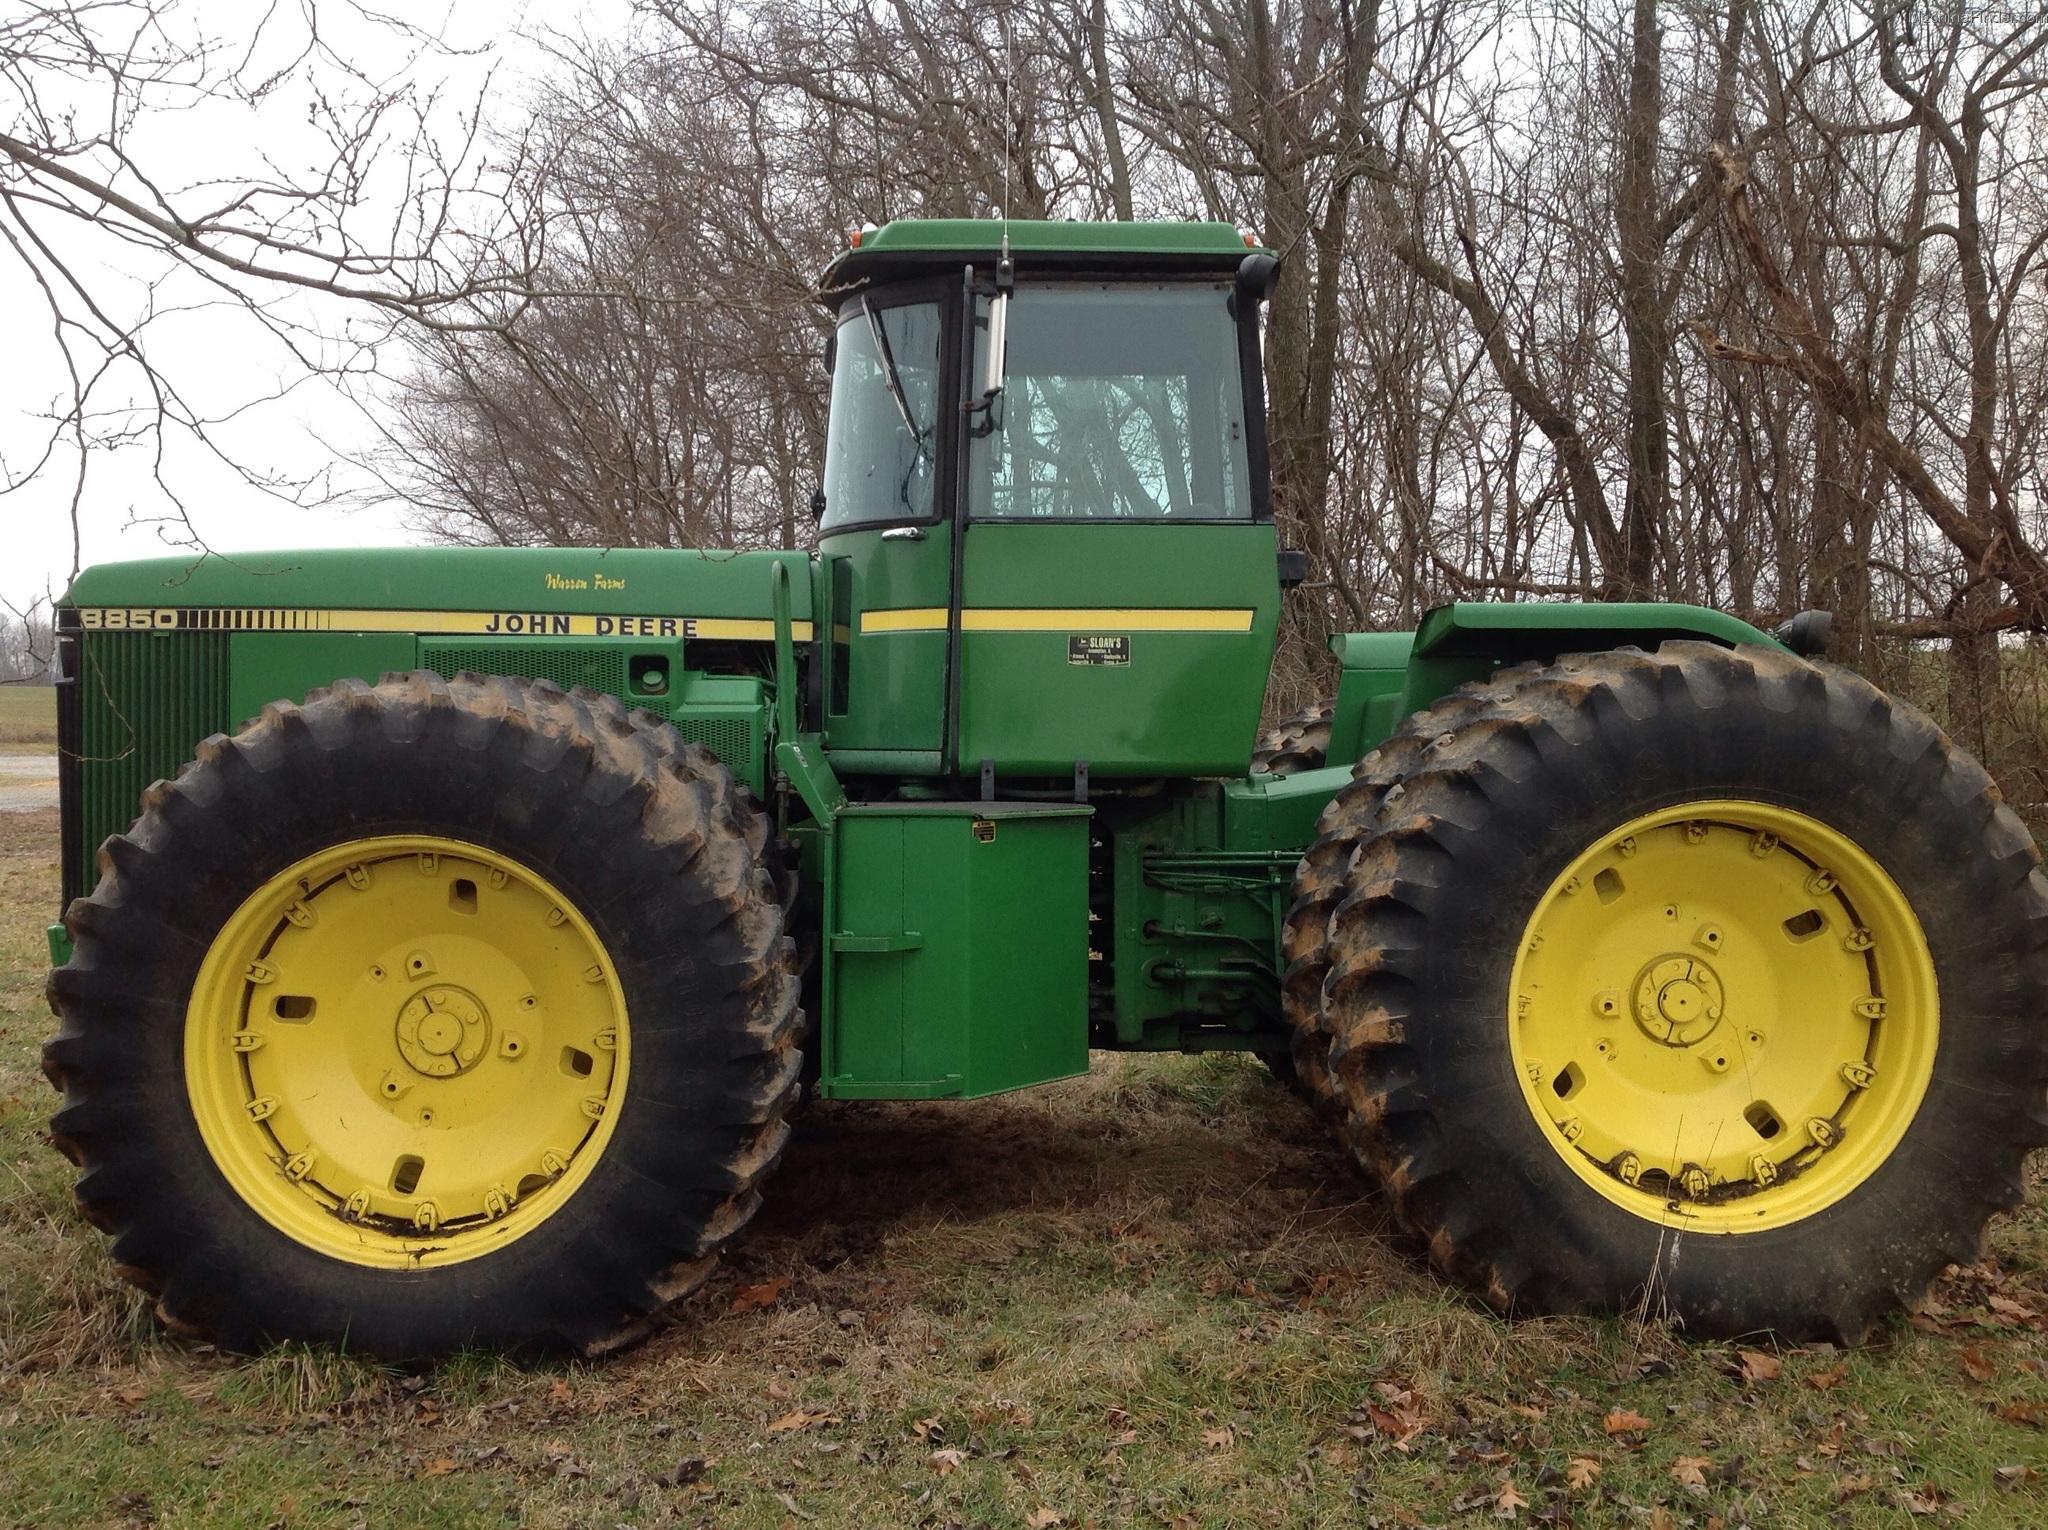 1982 John Deere 8850 Tractors - Articulated 4WD - John ...